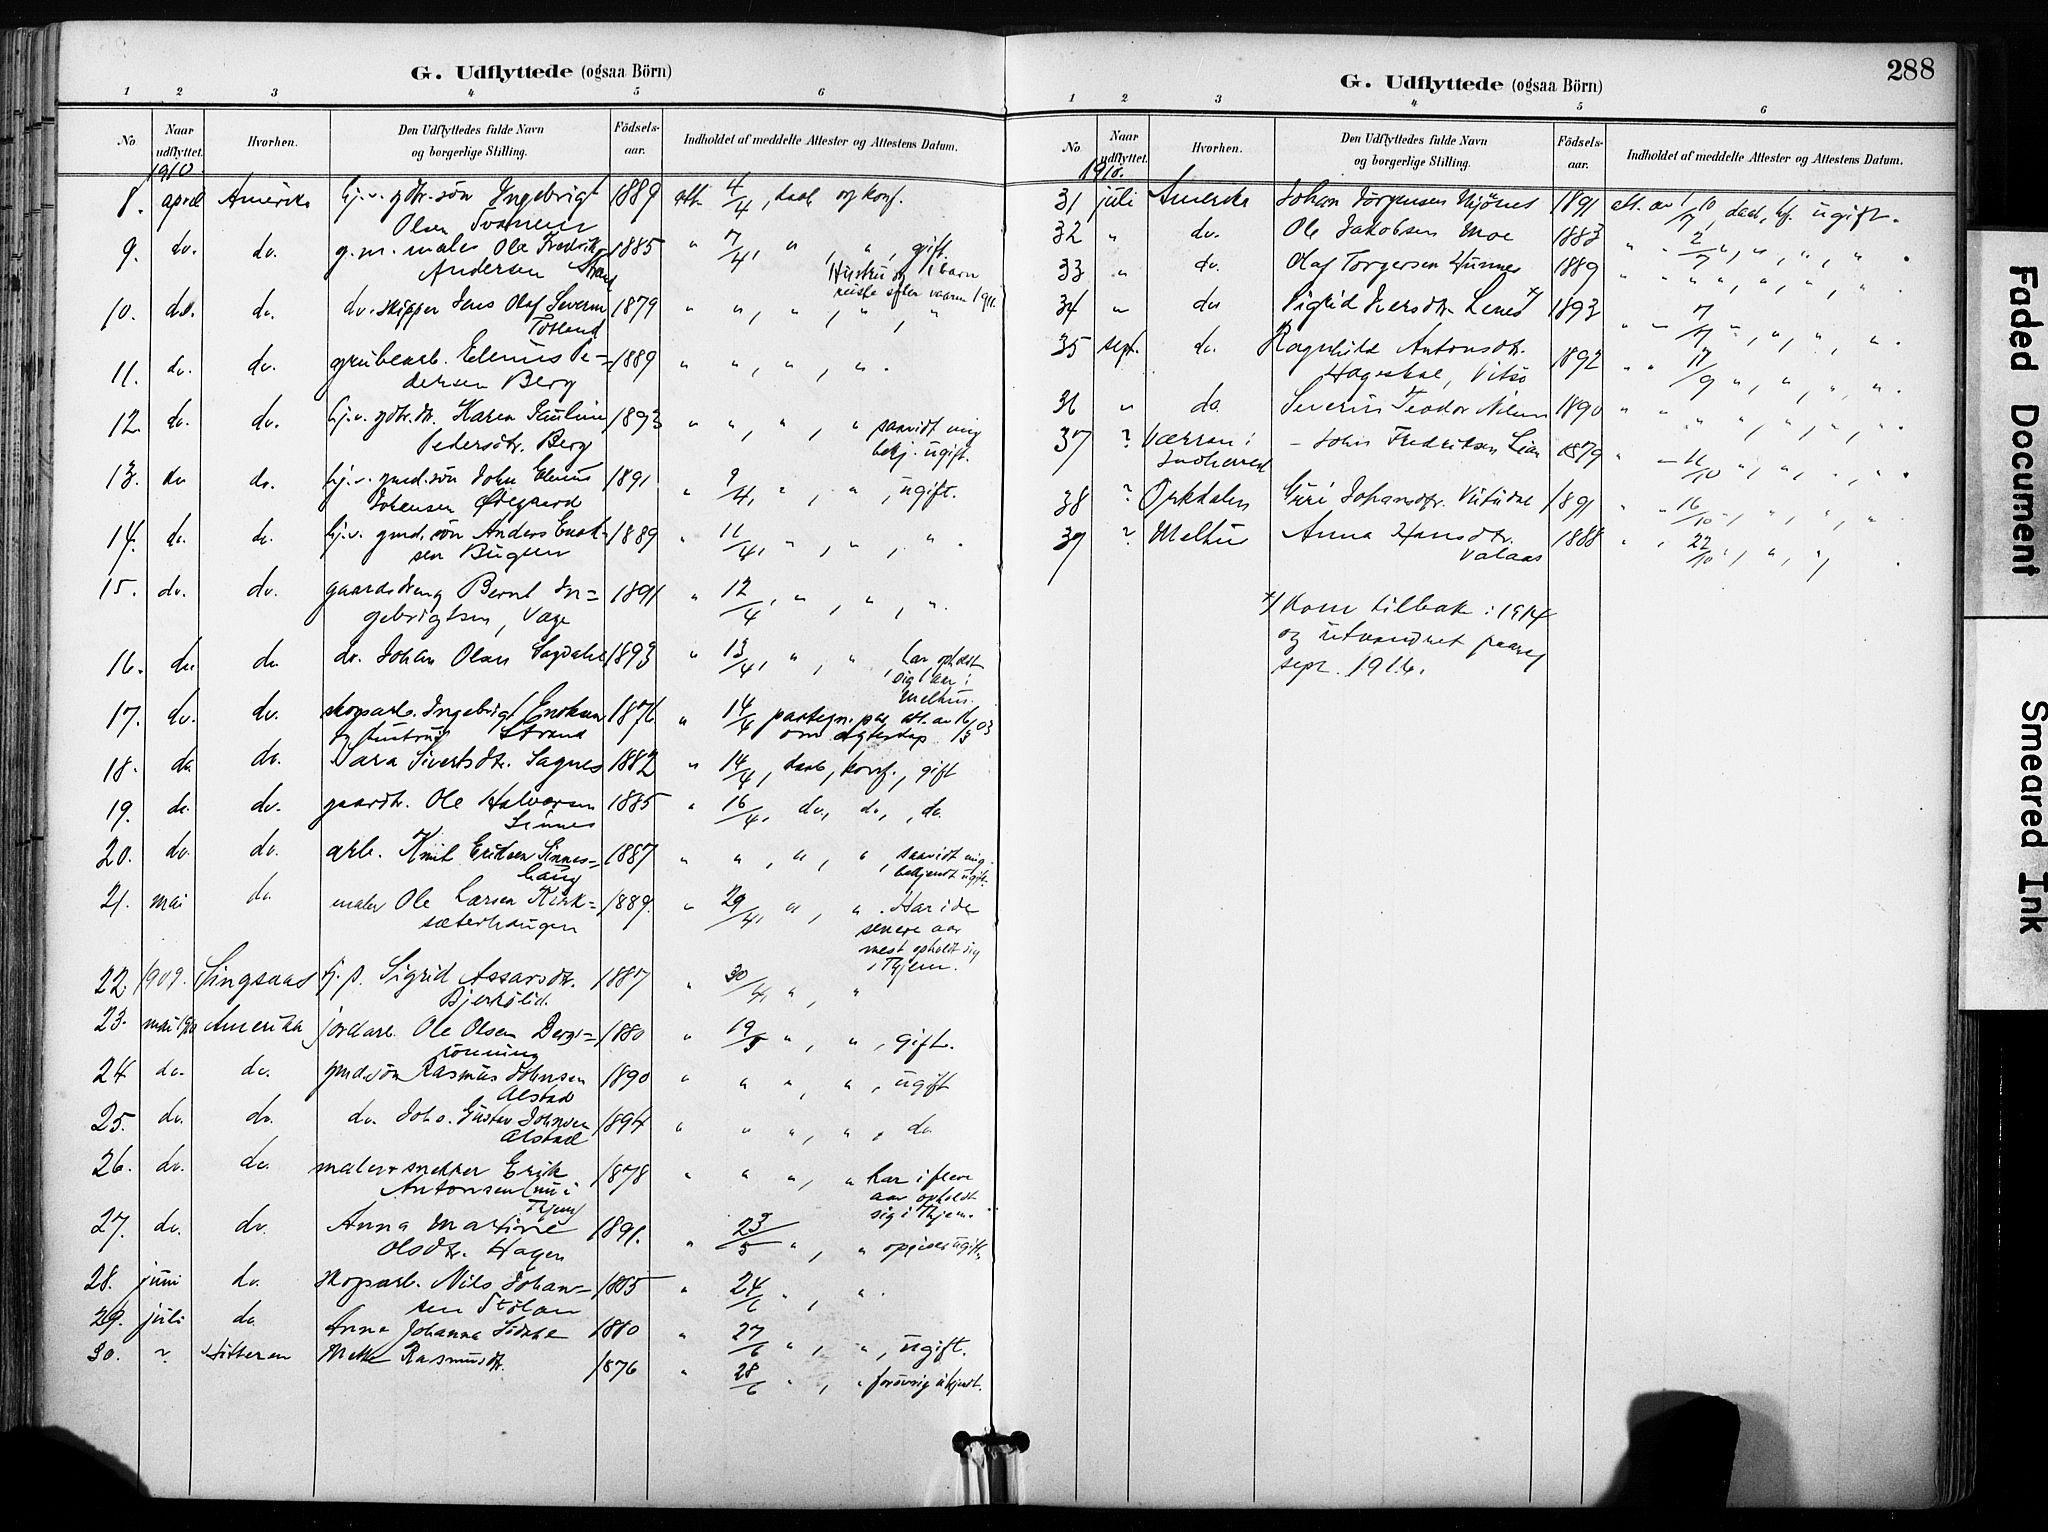 SAT, Ministerialprotokoller, klokkerbøker og fødselsregistre - Sør-Trøndelag, 630/L0497: Ministerialbok nr. 630A10, 1896-1910, s. 288